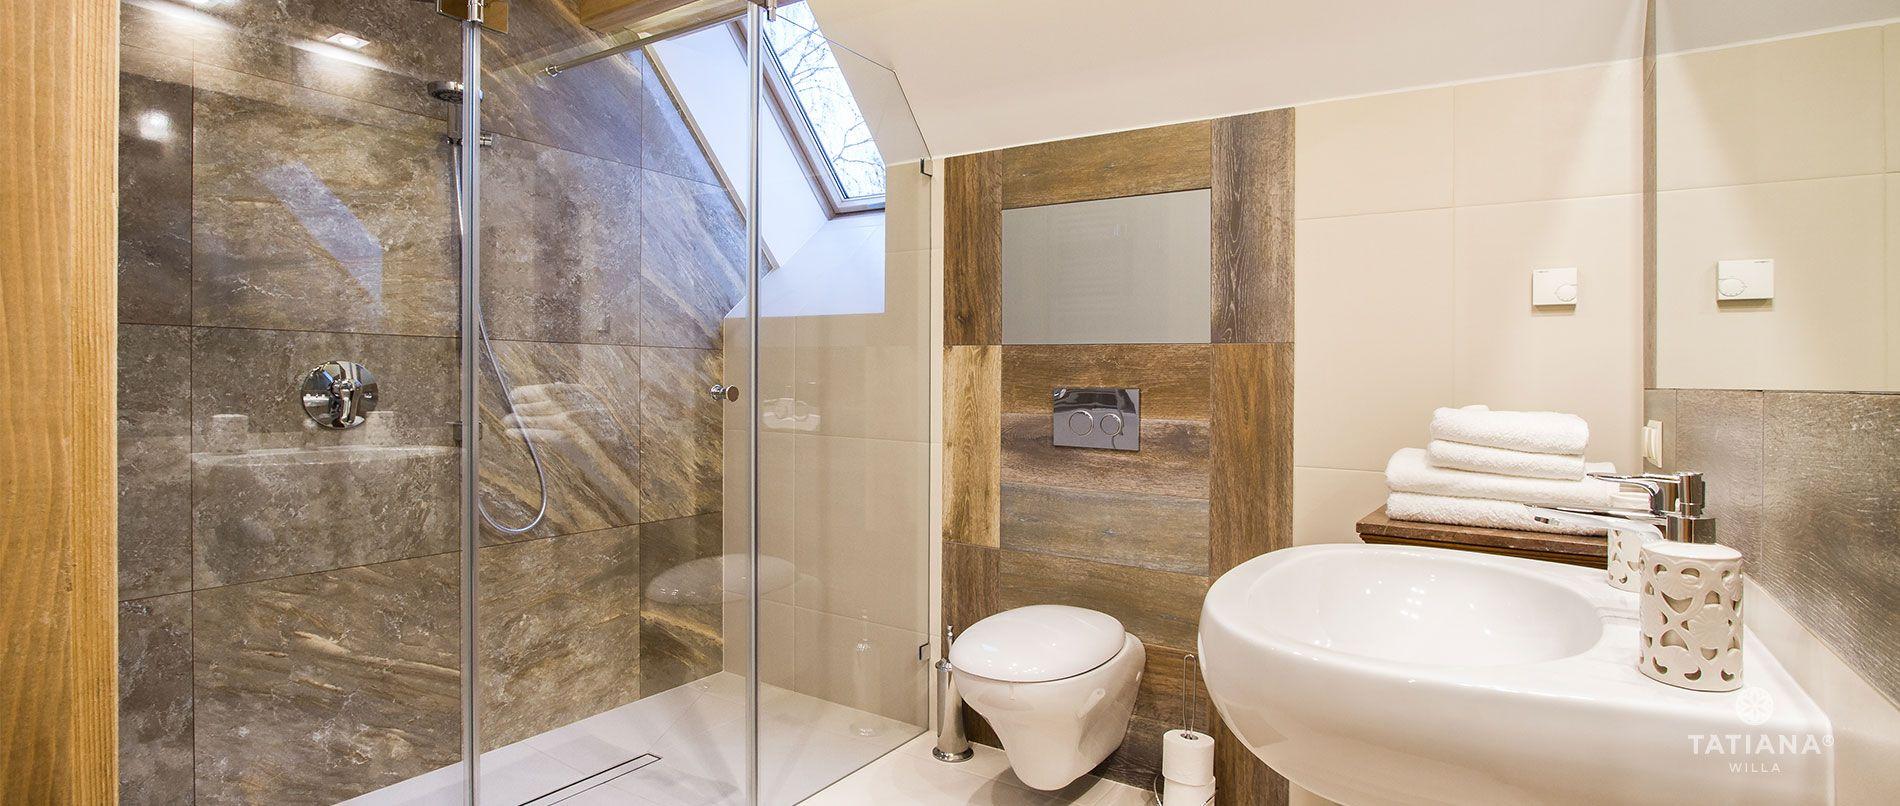 Apartament Stary Smrekowy - łazienka